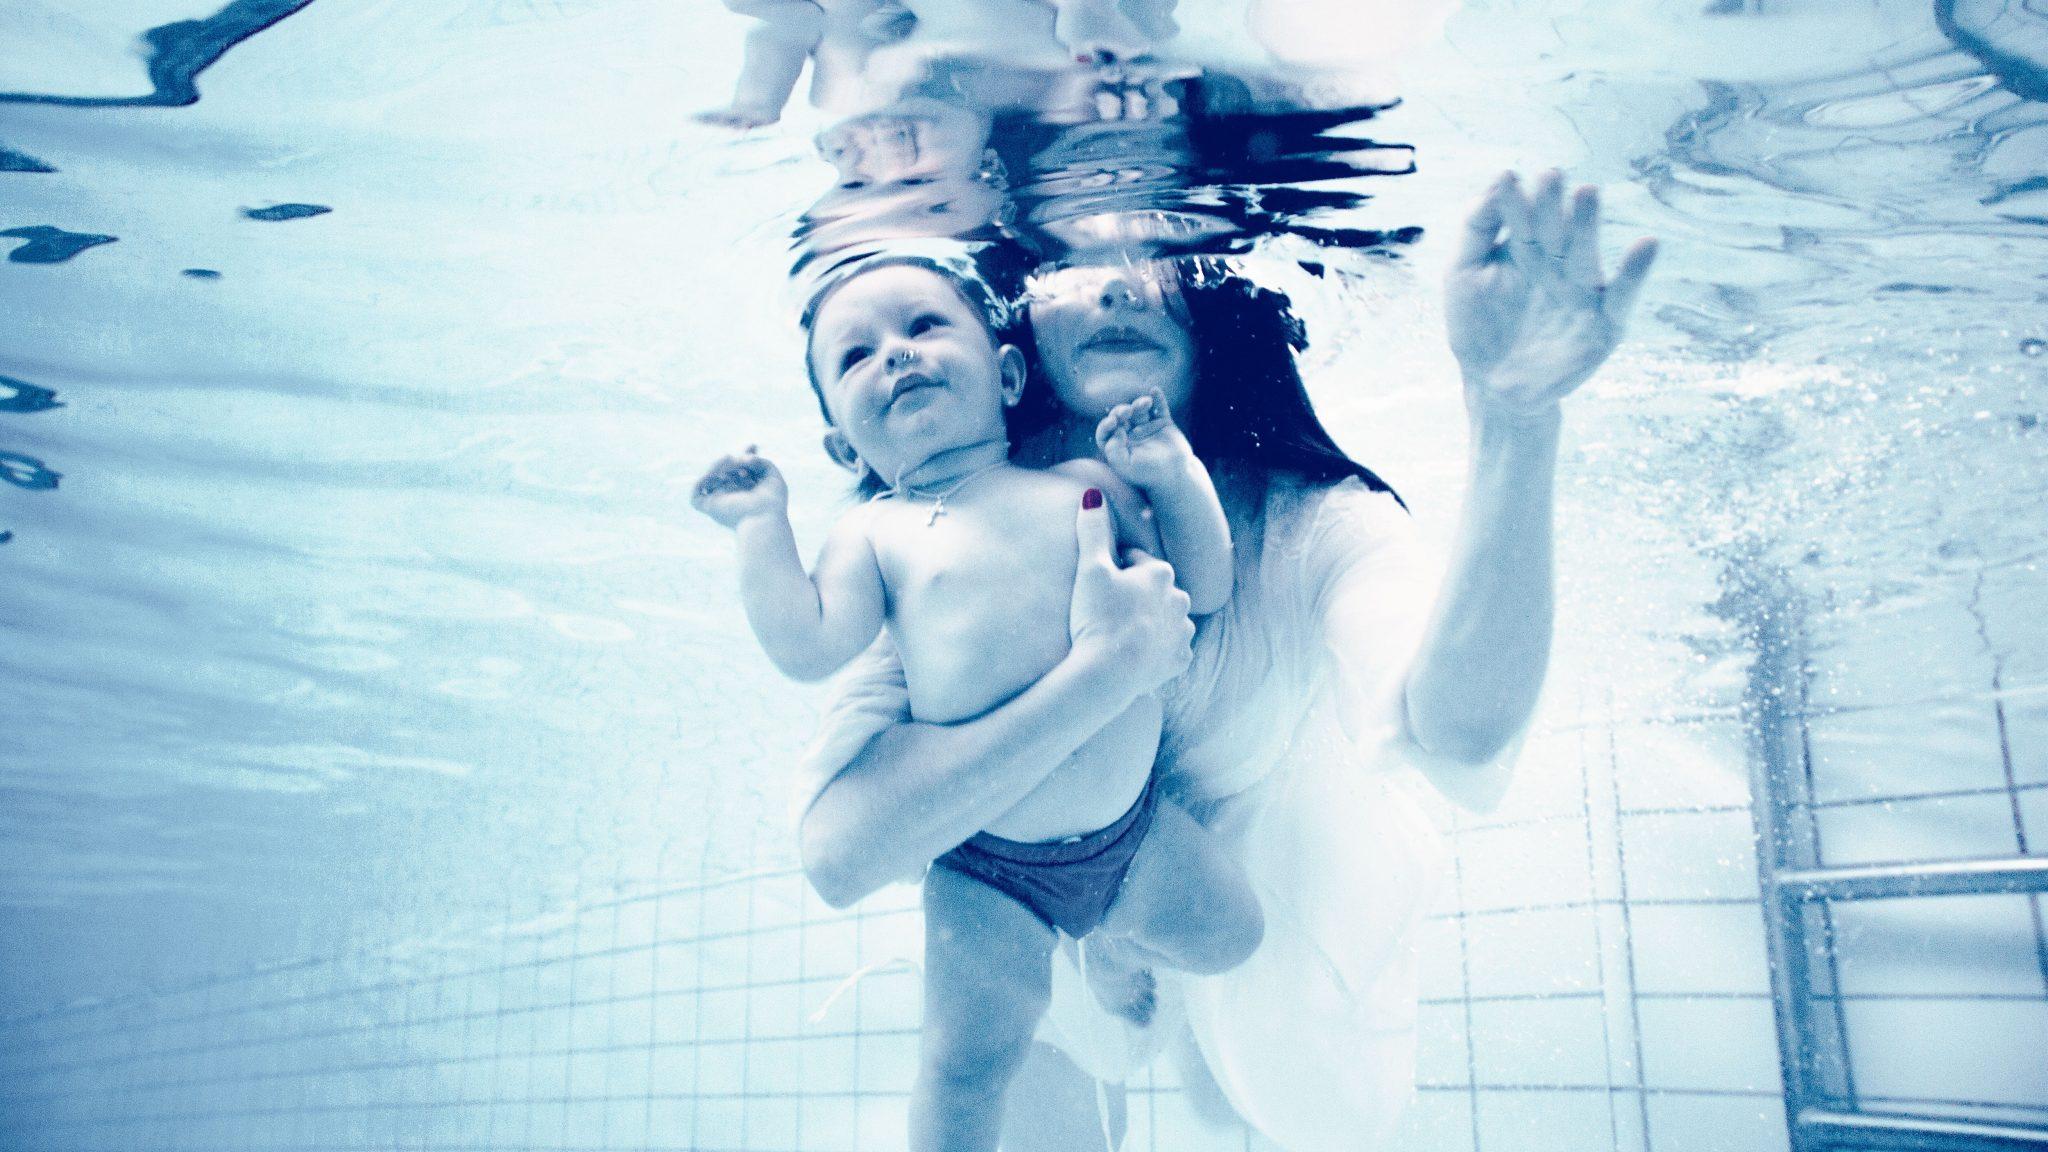 Z dzieckiem na basenie. Wspólna aktywność pełna korzyści❤